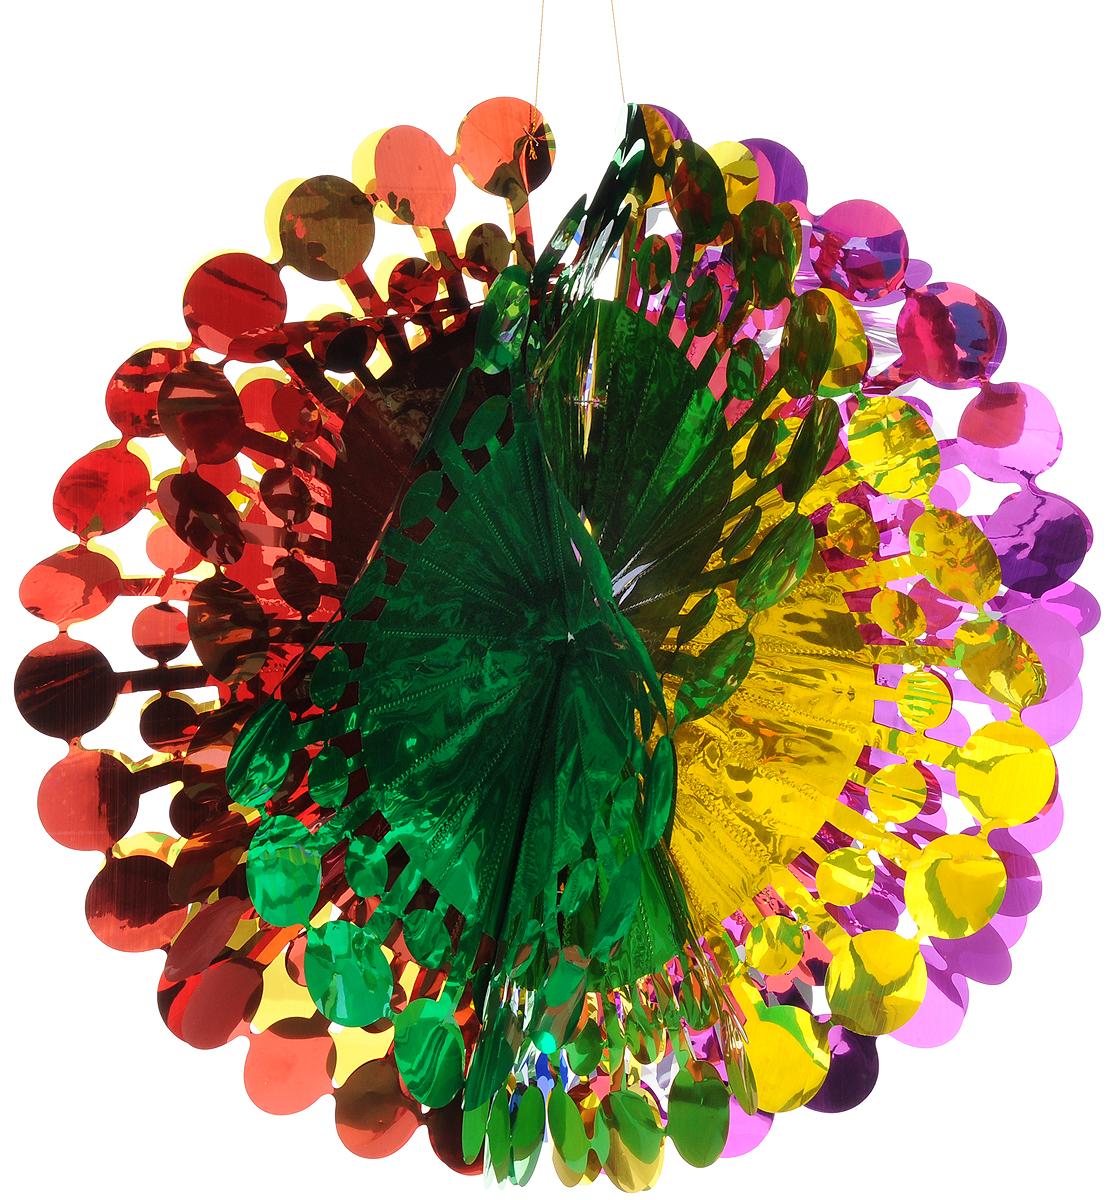 Украшение новогоднее подвесное Magic Time Шар цветной, 47 x 24 смC0038550Новогоднее подвесное украшение Magic Time Шар цветной выполнено из ПЭТ (полиэтилентерефталат) в виде огромного шара. С помощью специальной петельки украшение можно повесить в любом понравившемся вам месте. Игрушка удачно будет смотреться под потолком.Новогоднее украшение Magic Time Шар цветной несет в себе волшебство и красоту праздника. Создайте в своем доме атмосферу веселья и радости, с помощью игрушек, которые будут из года в год накапливать теплоту воспоминаний.Материал: полиэтилентерефталат.Размер (в сложенном виде): 47 х 24 см.